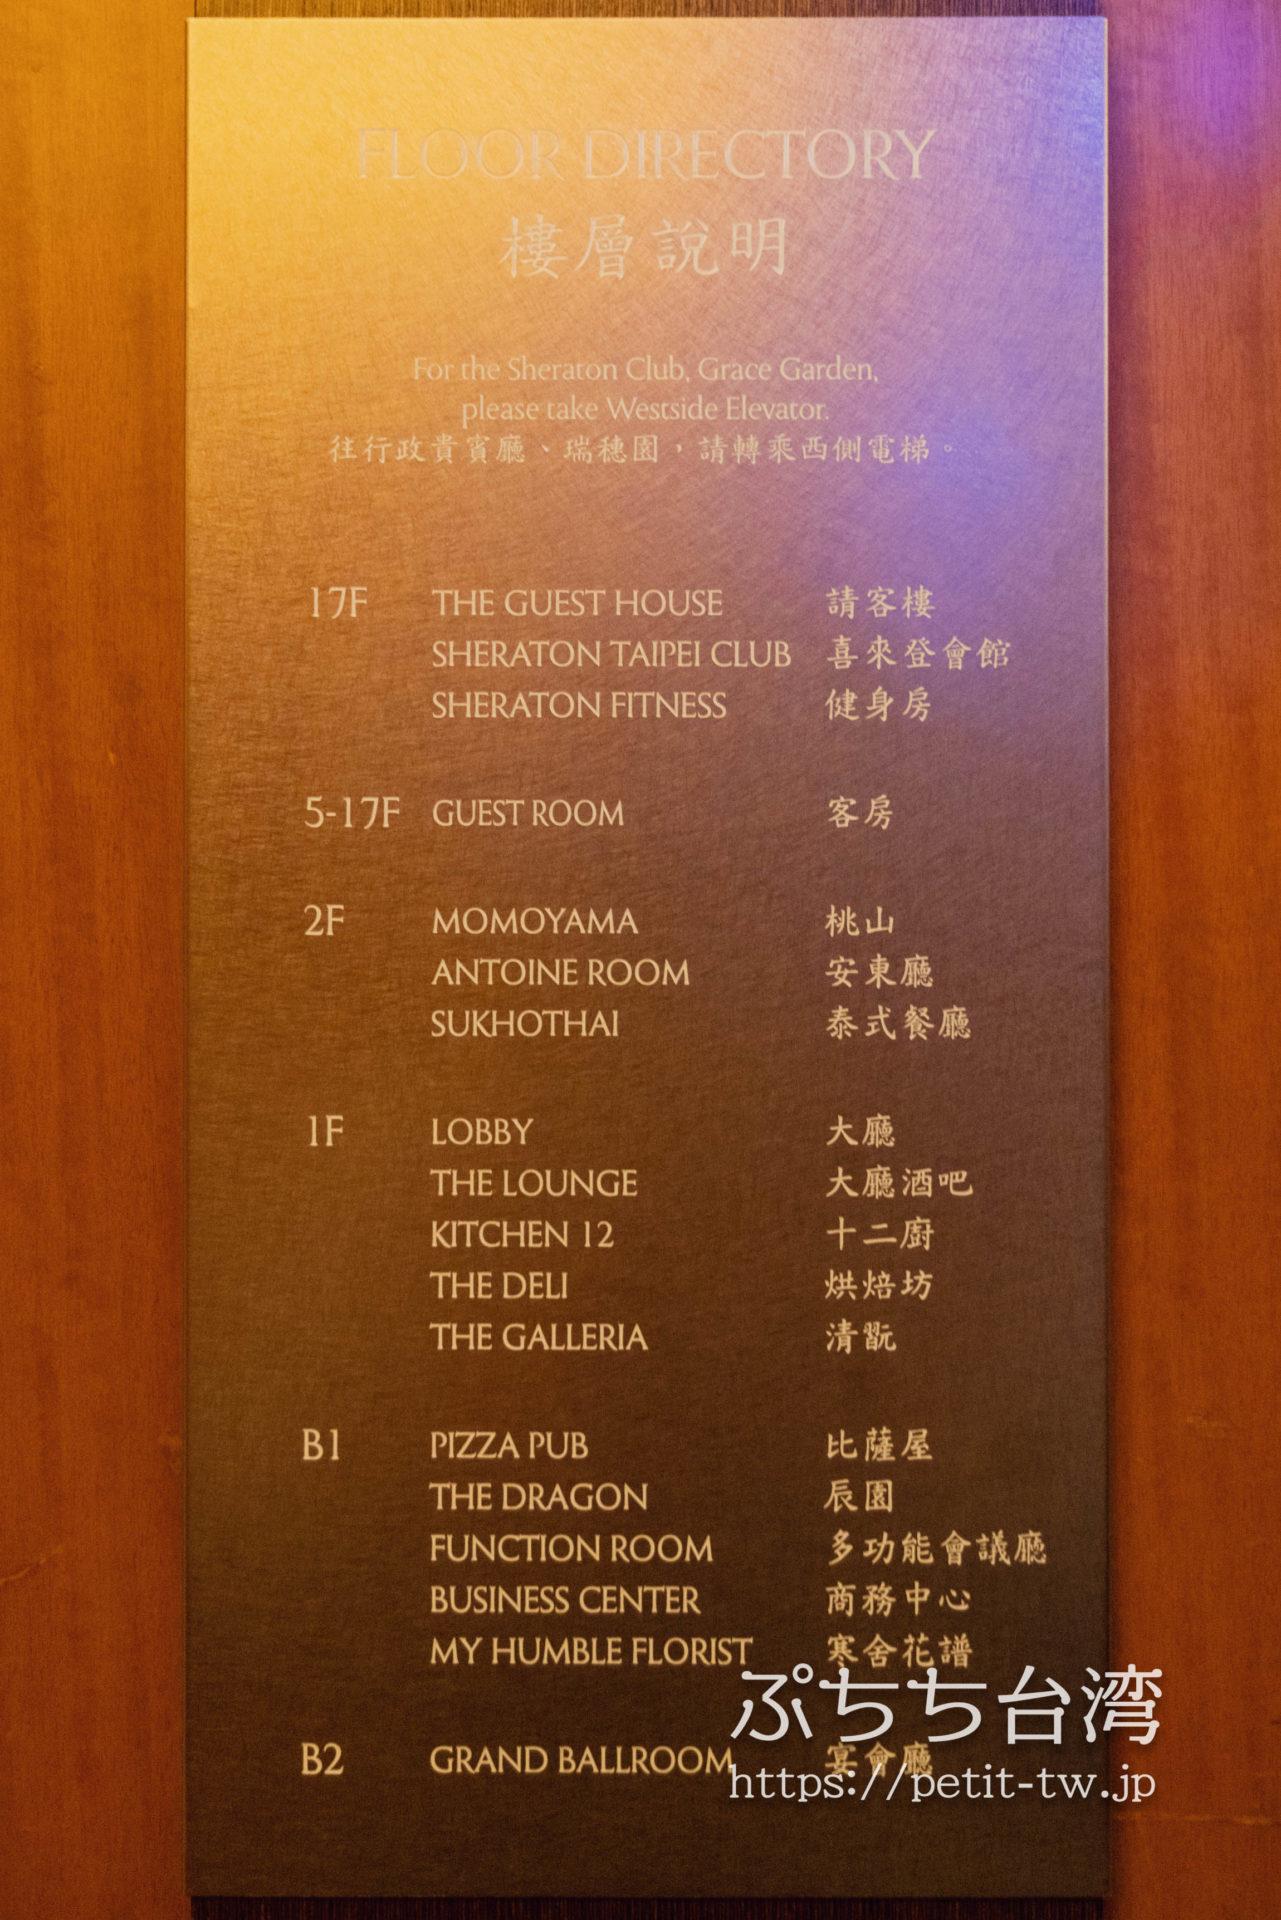 シェラトングランド台北ホテル Sheraton Grand Taipei Hotelのフロアガイド